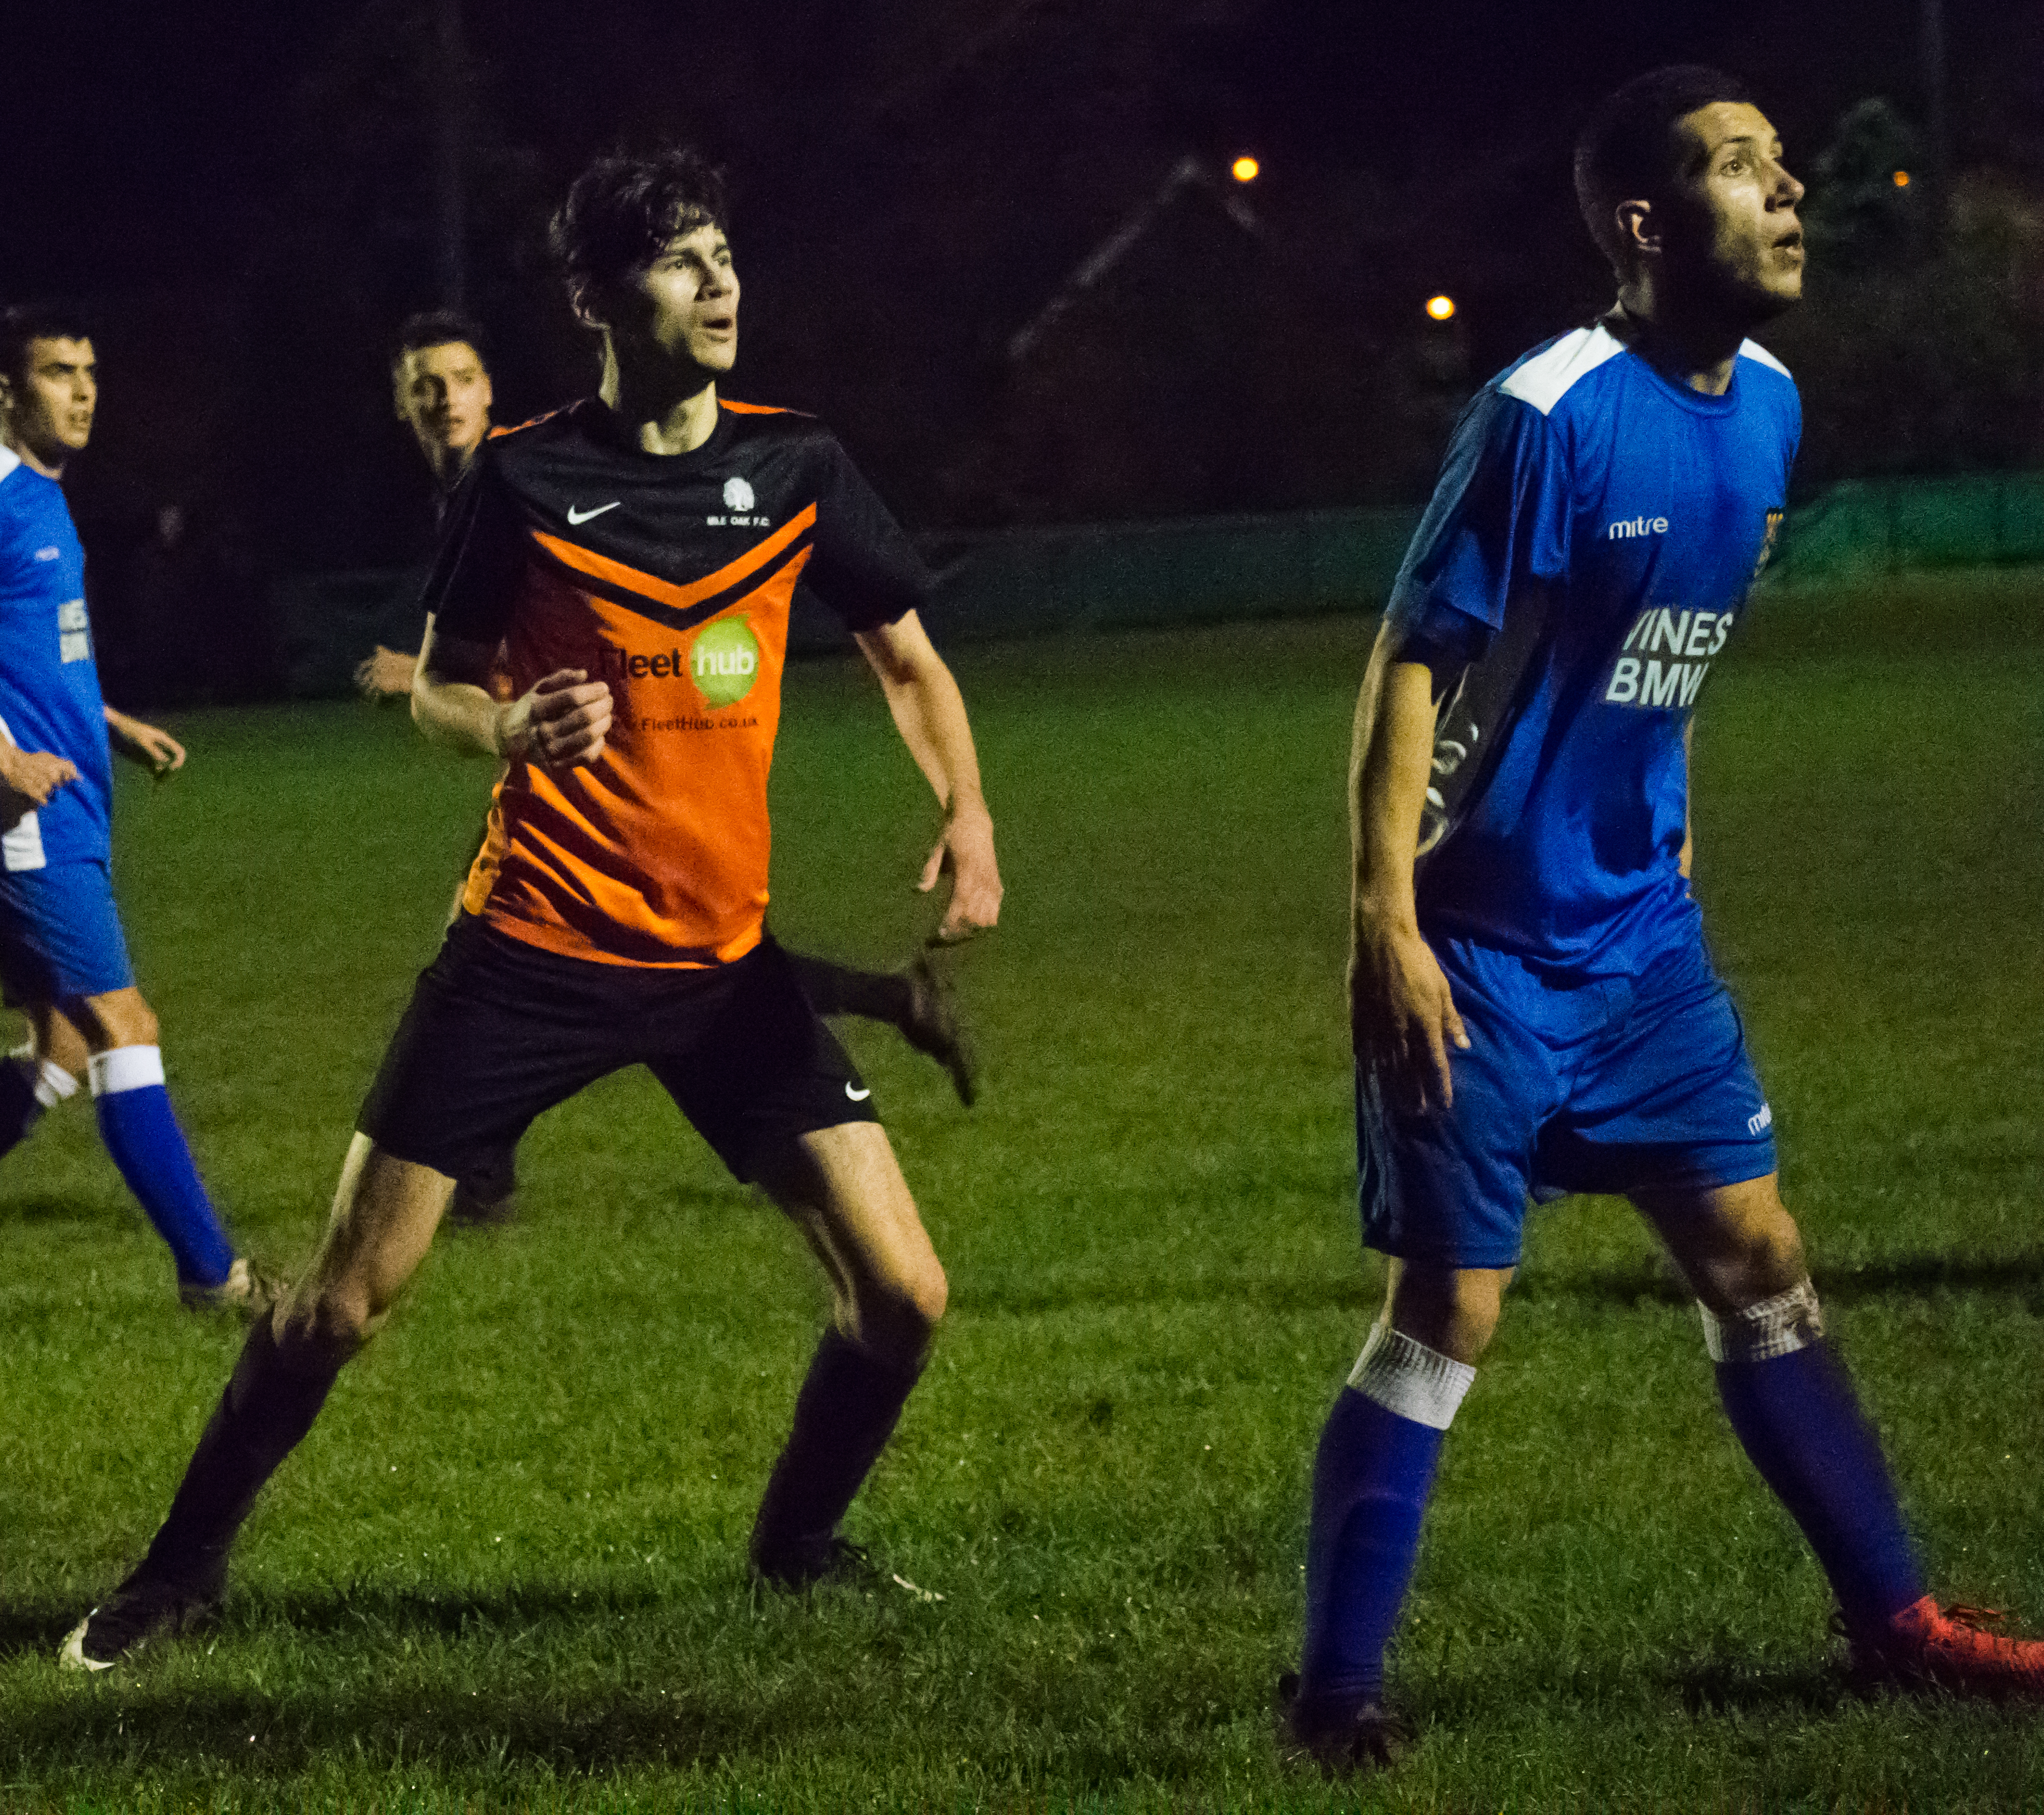 Mile Oak U21s vs Three Bridges U21s 09.11.17 11